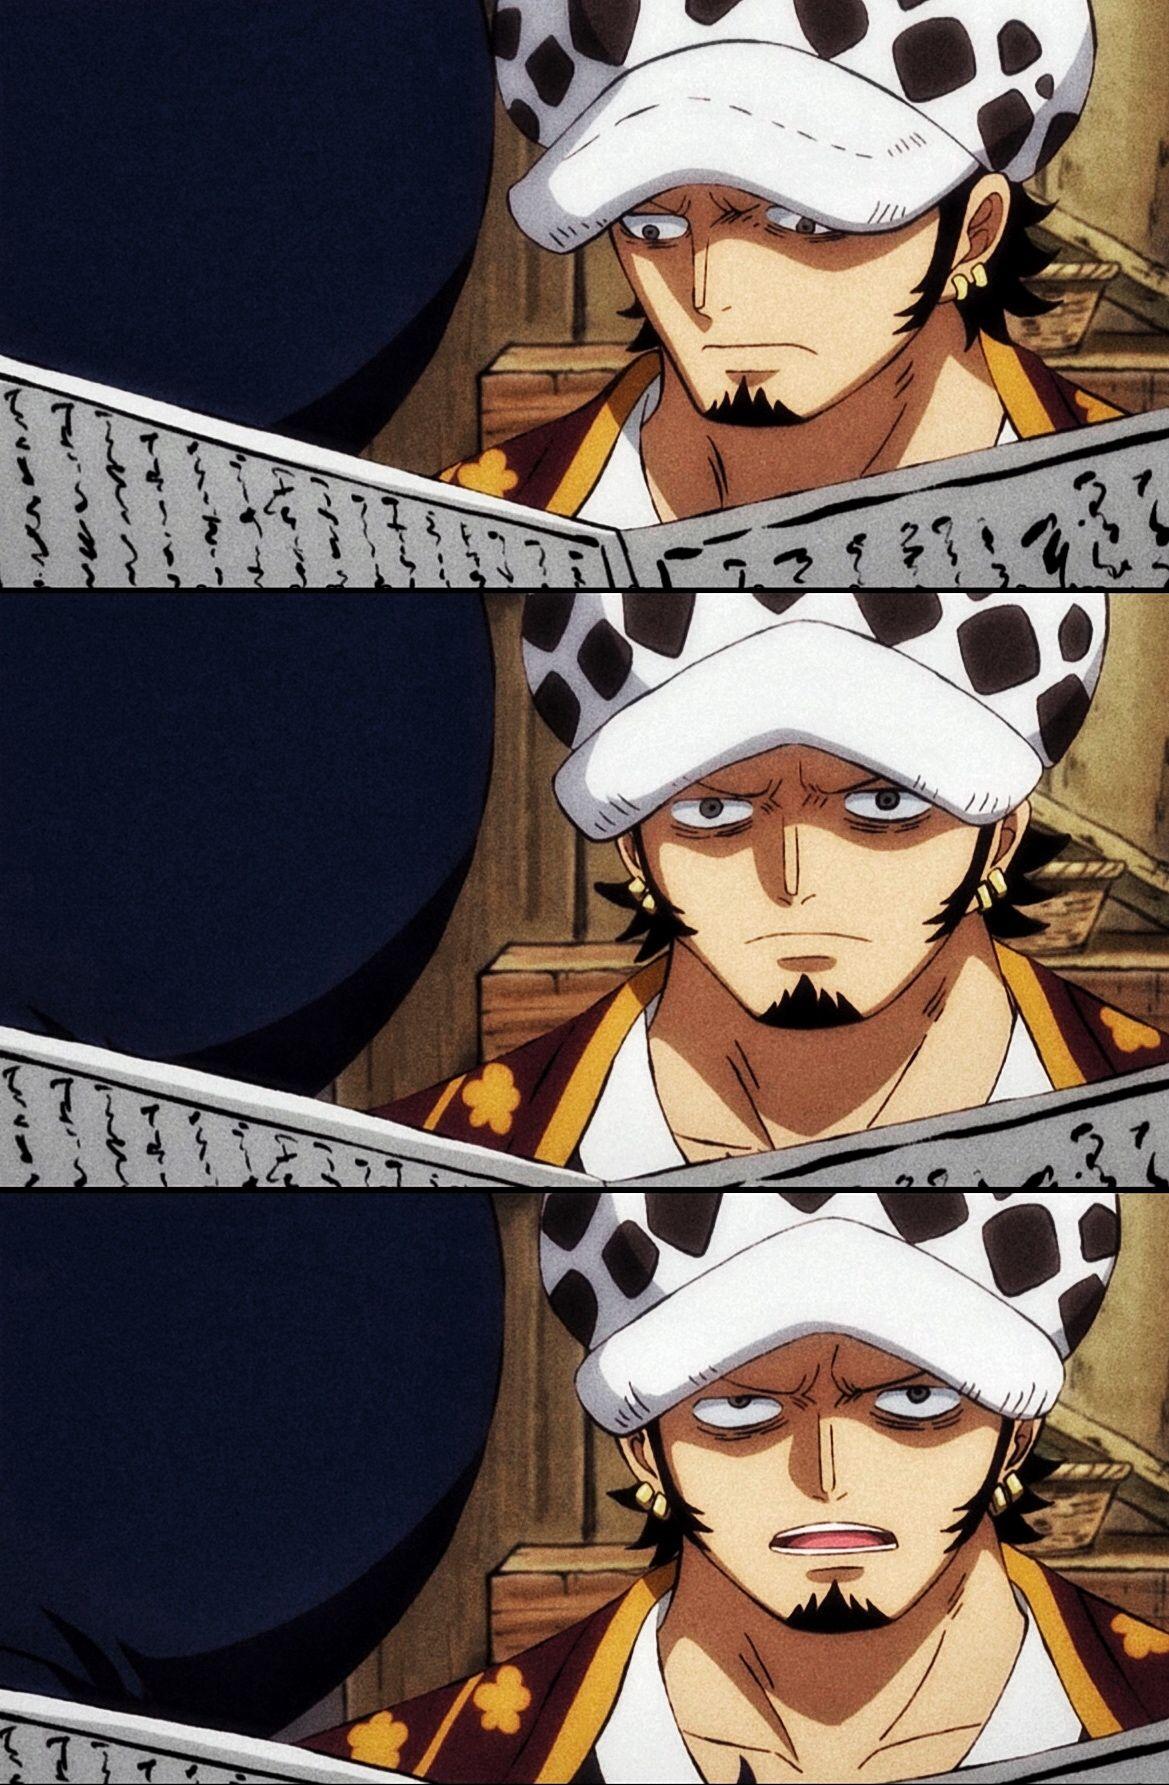 Pin By Airyuu On One Piece One Piece Anime Trafalgar Law One Piece